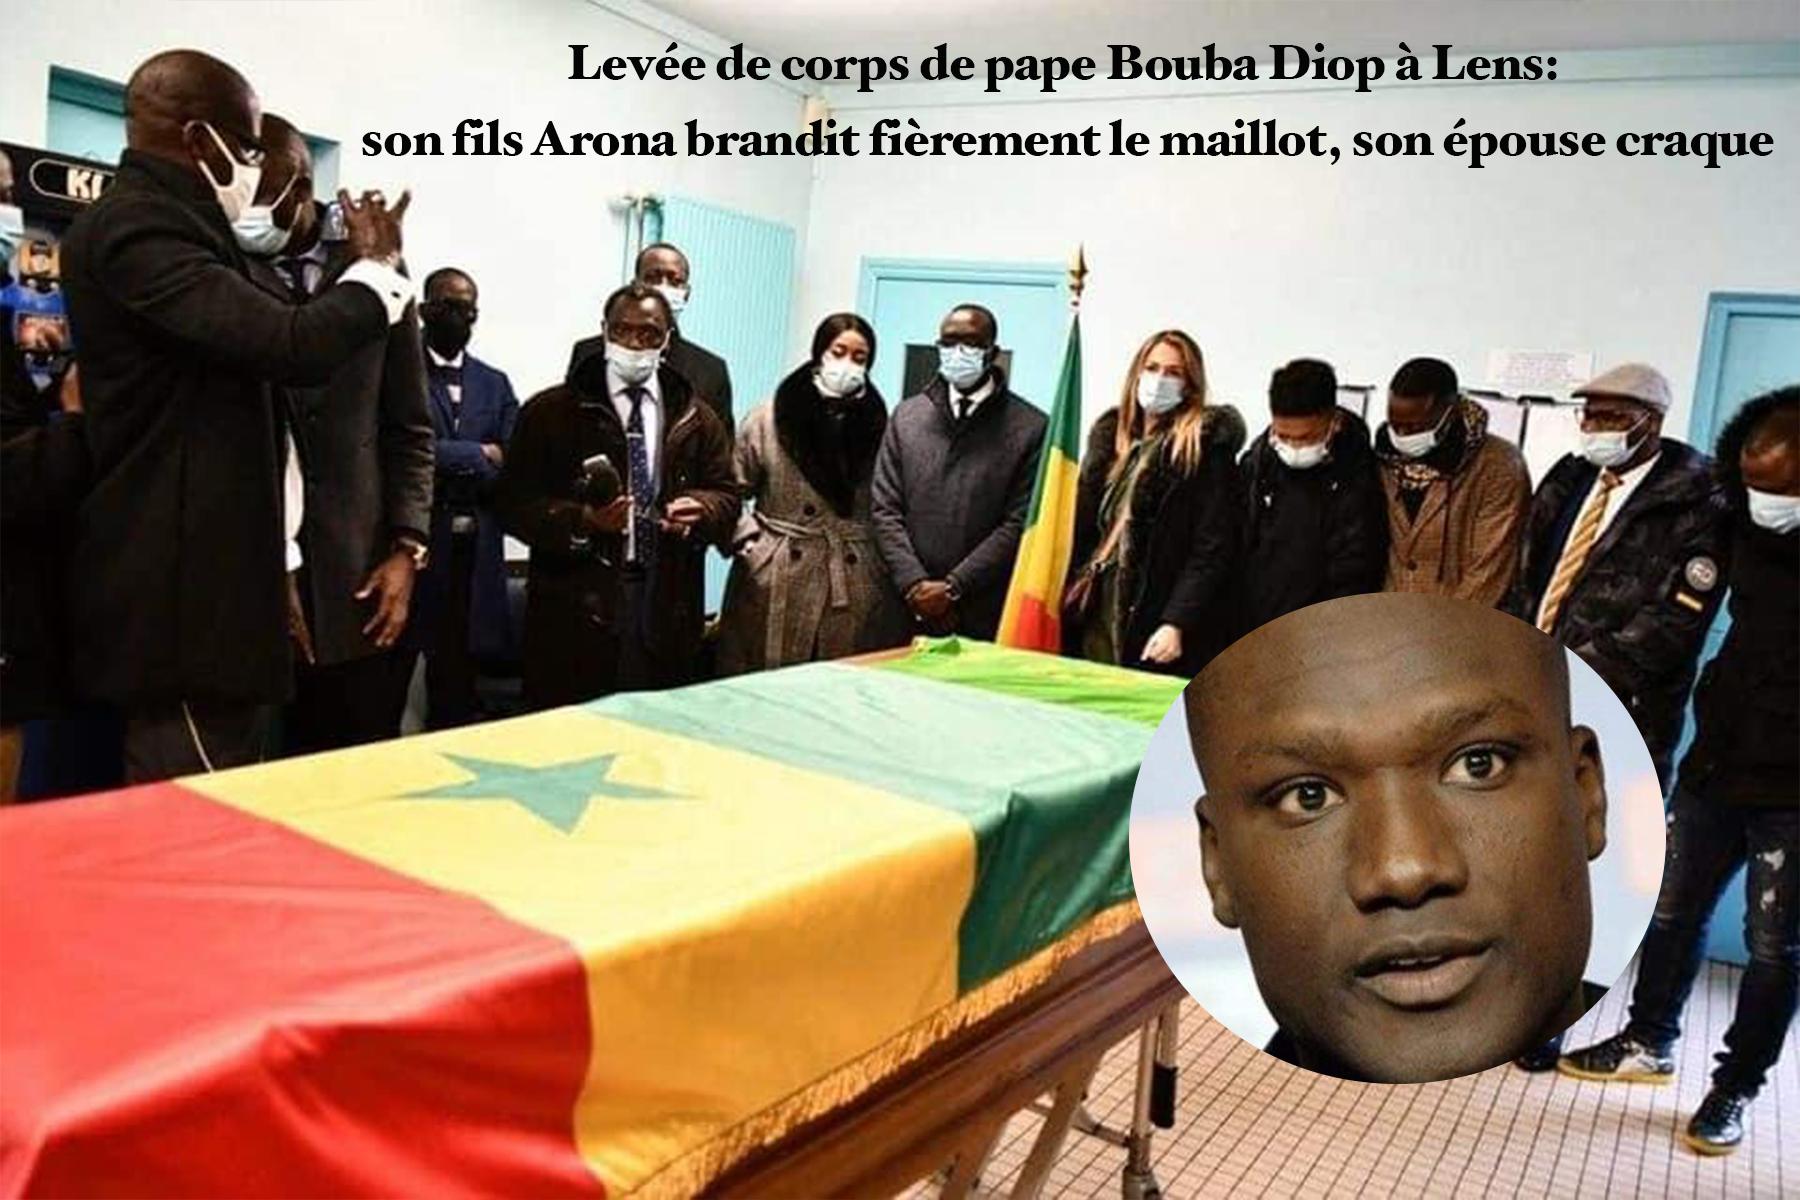 Levée de corps de Pape Bouba Diop à Lens: son fils Arona brandit fièrement le numéro 19, son épouse craque